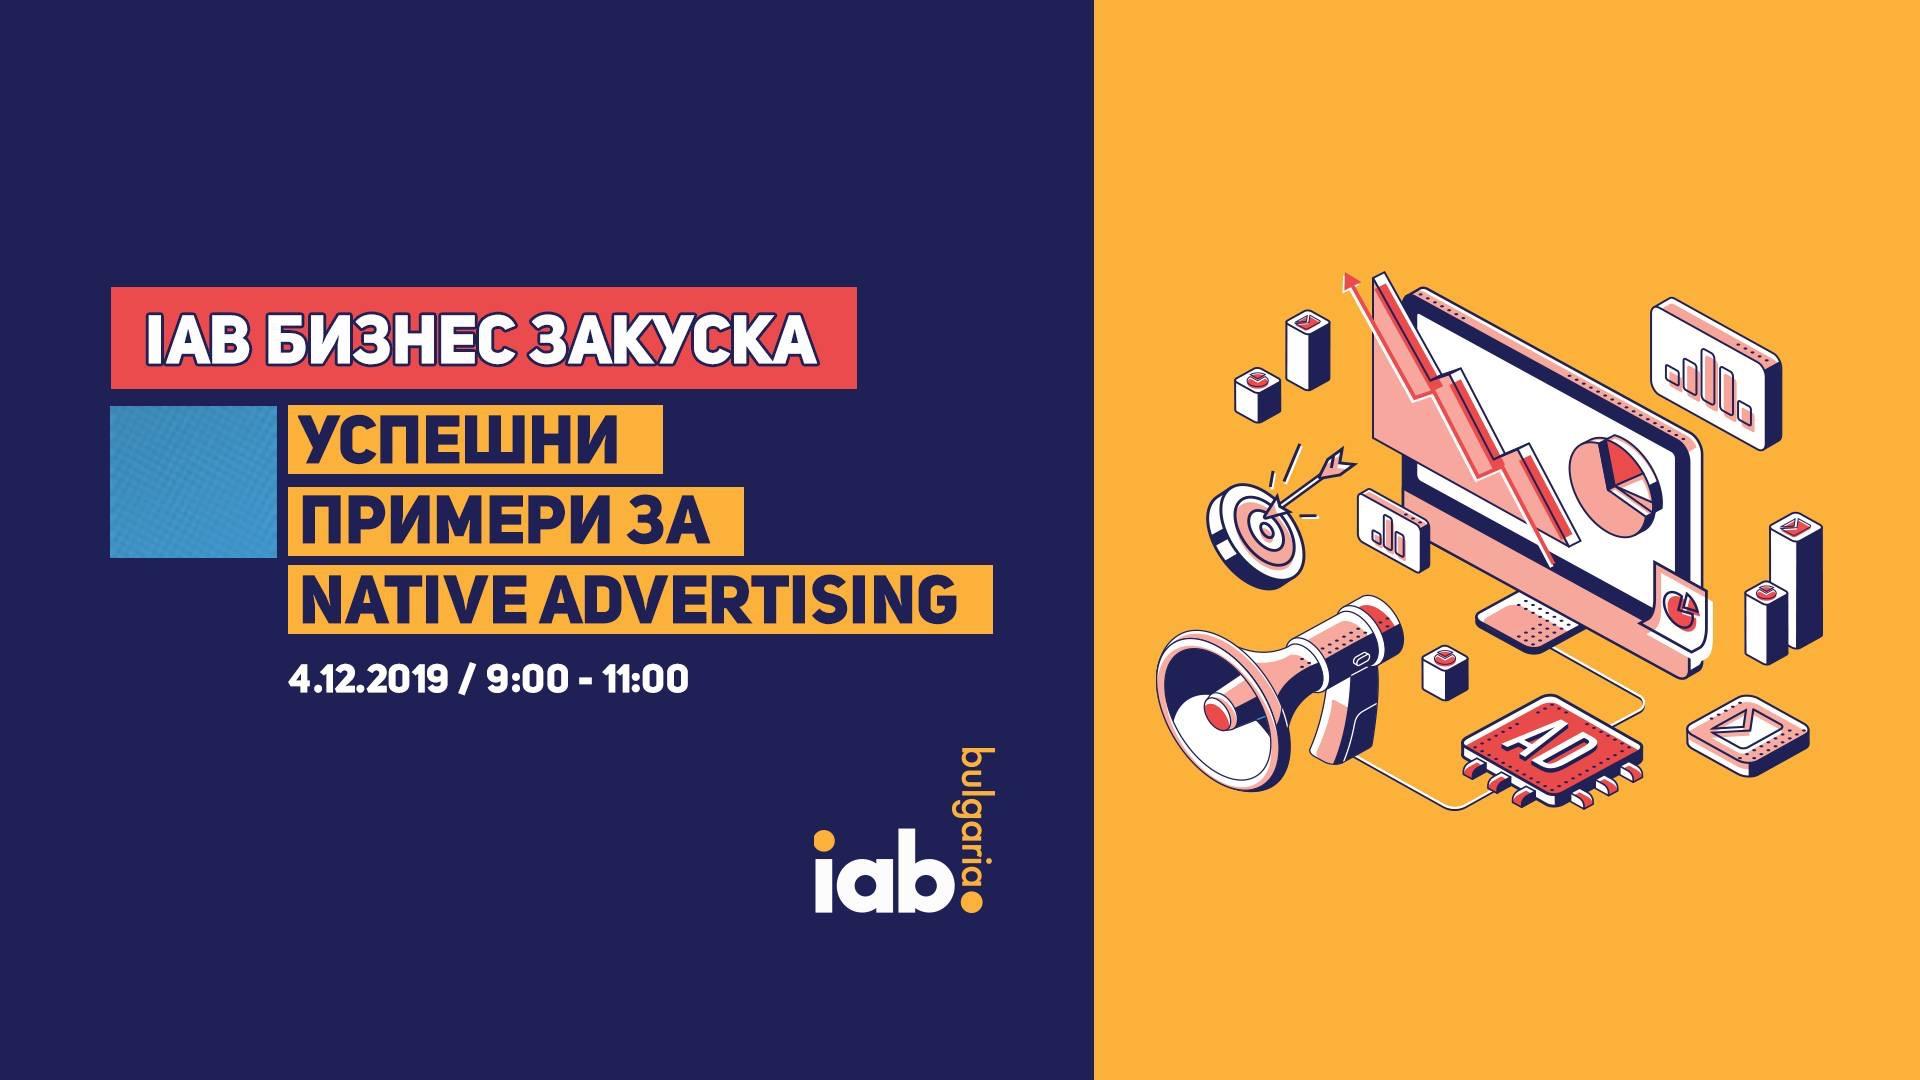 IAB България проведе първата бизнес закуска от новата си инициатива: IAB бизнес закуски